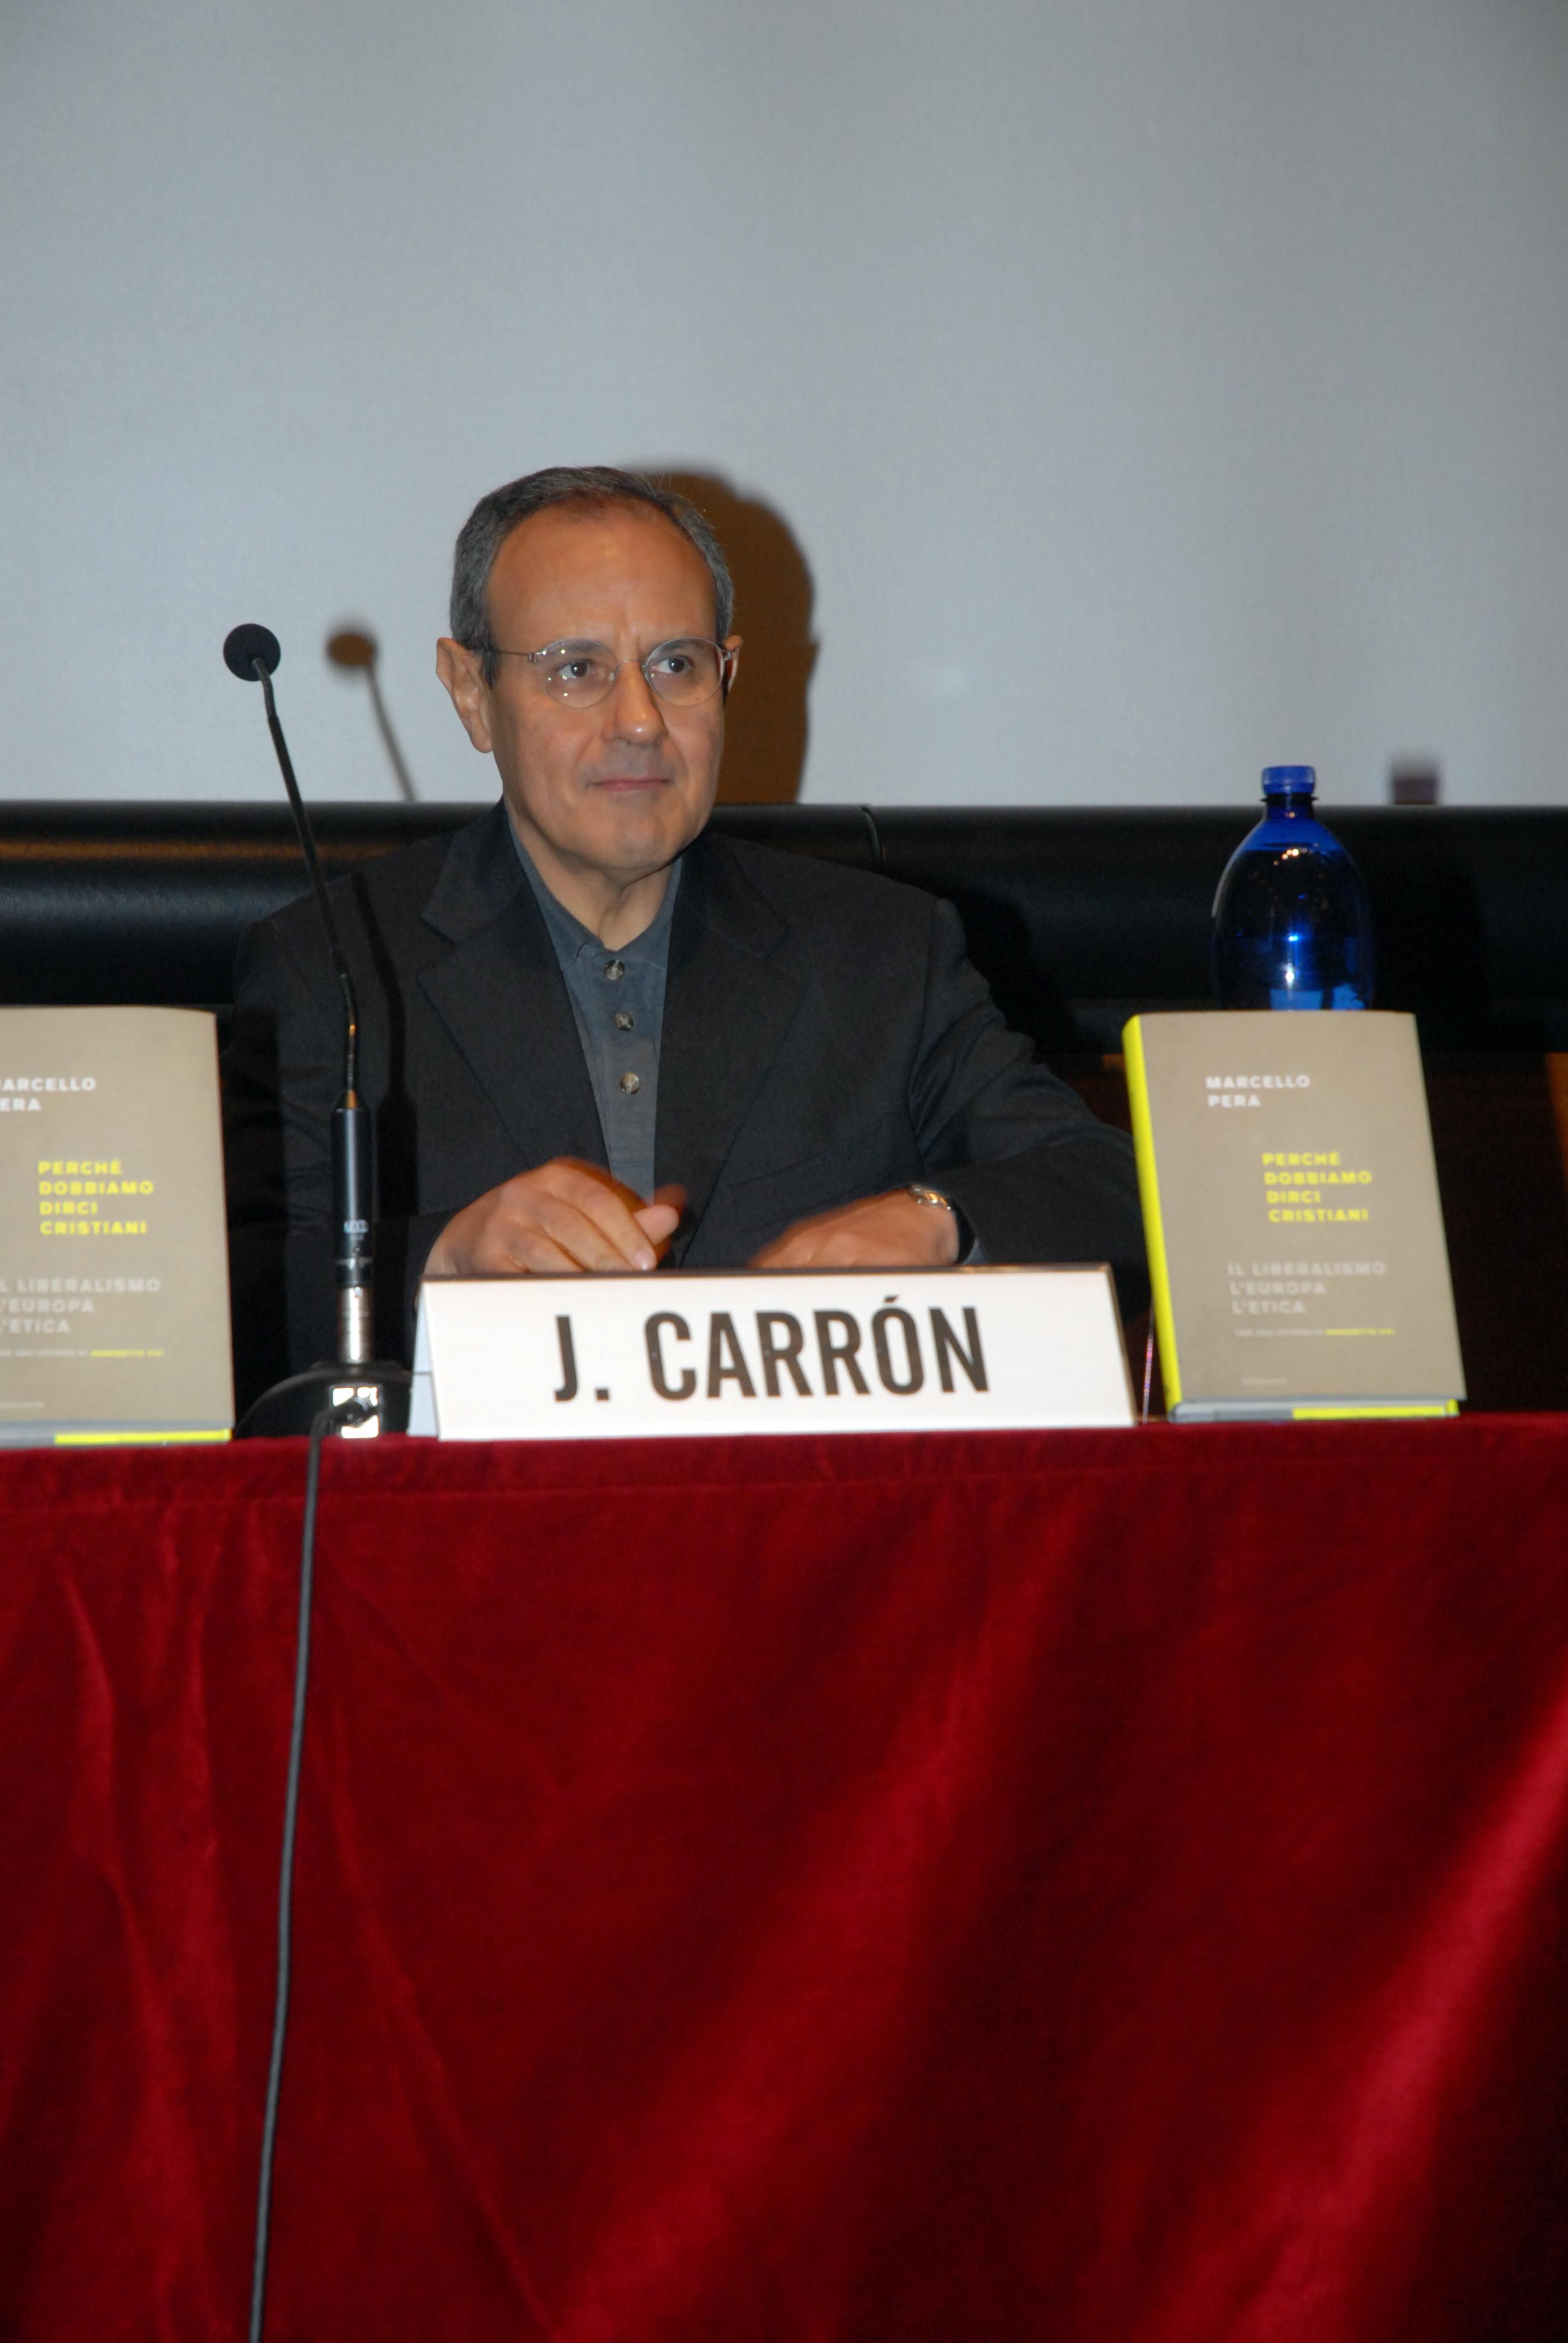 081212Carron1